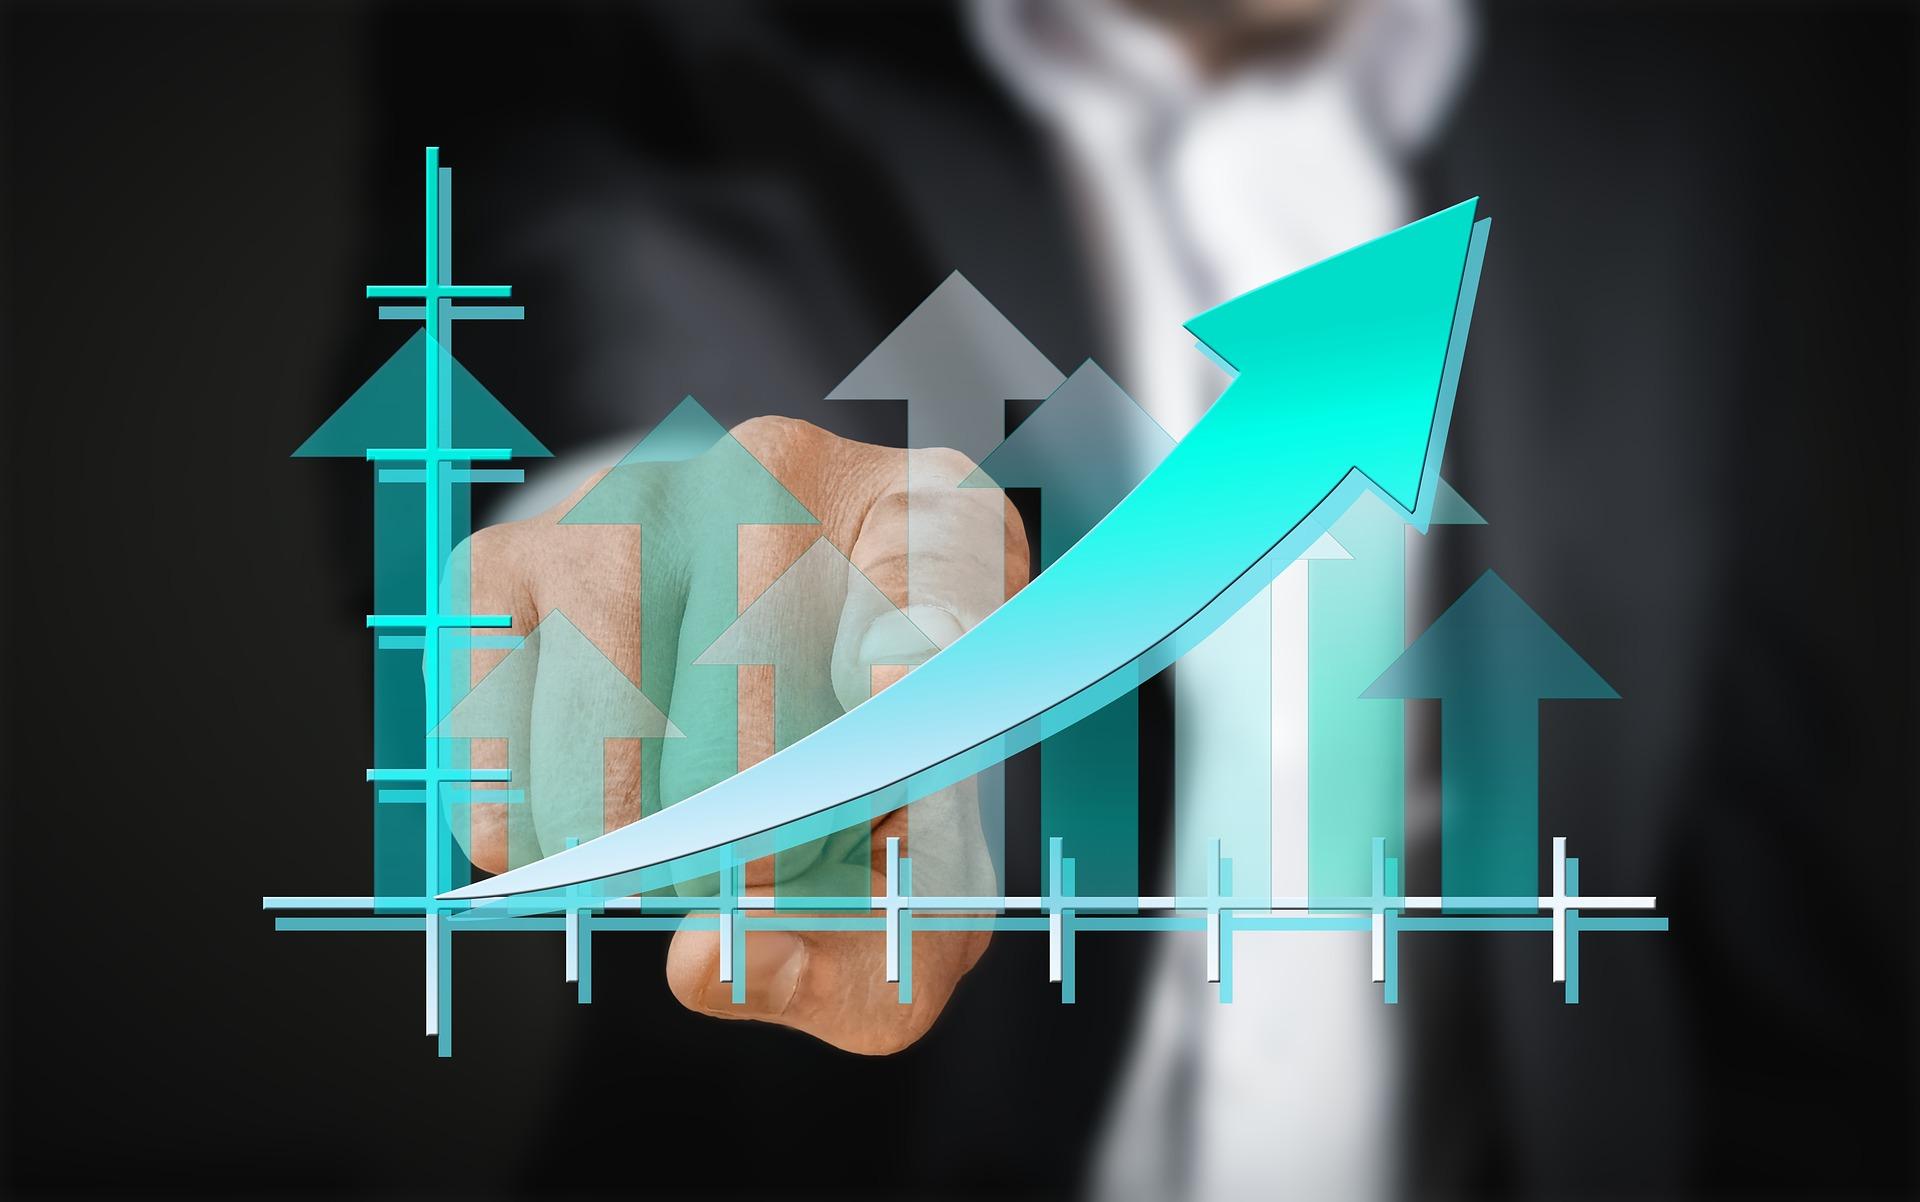 Projet agile qualité performance